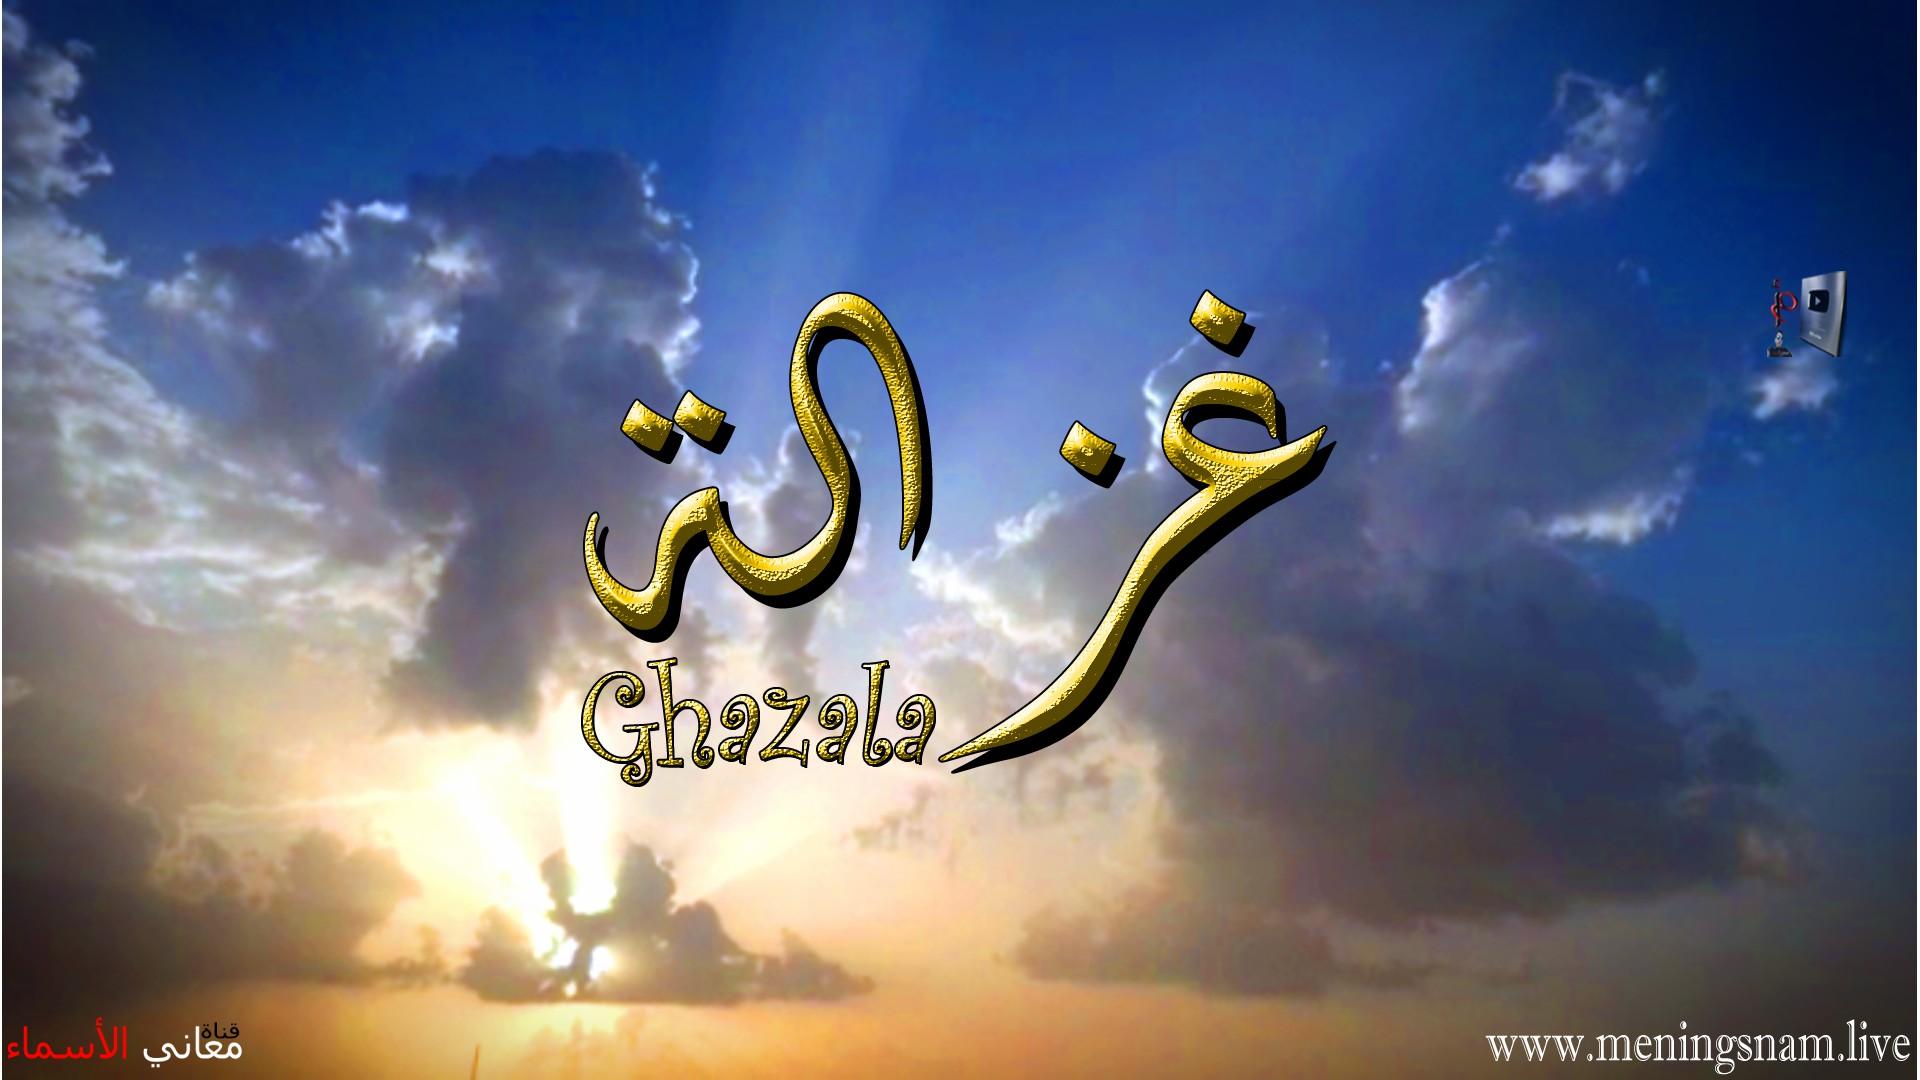 معنى اسم غزالة وصفات حاملة هذا الاسم Ghazala